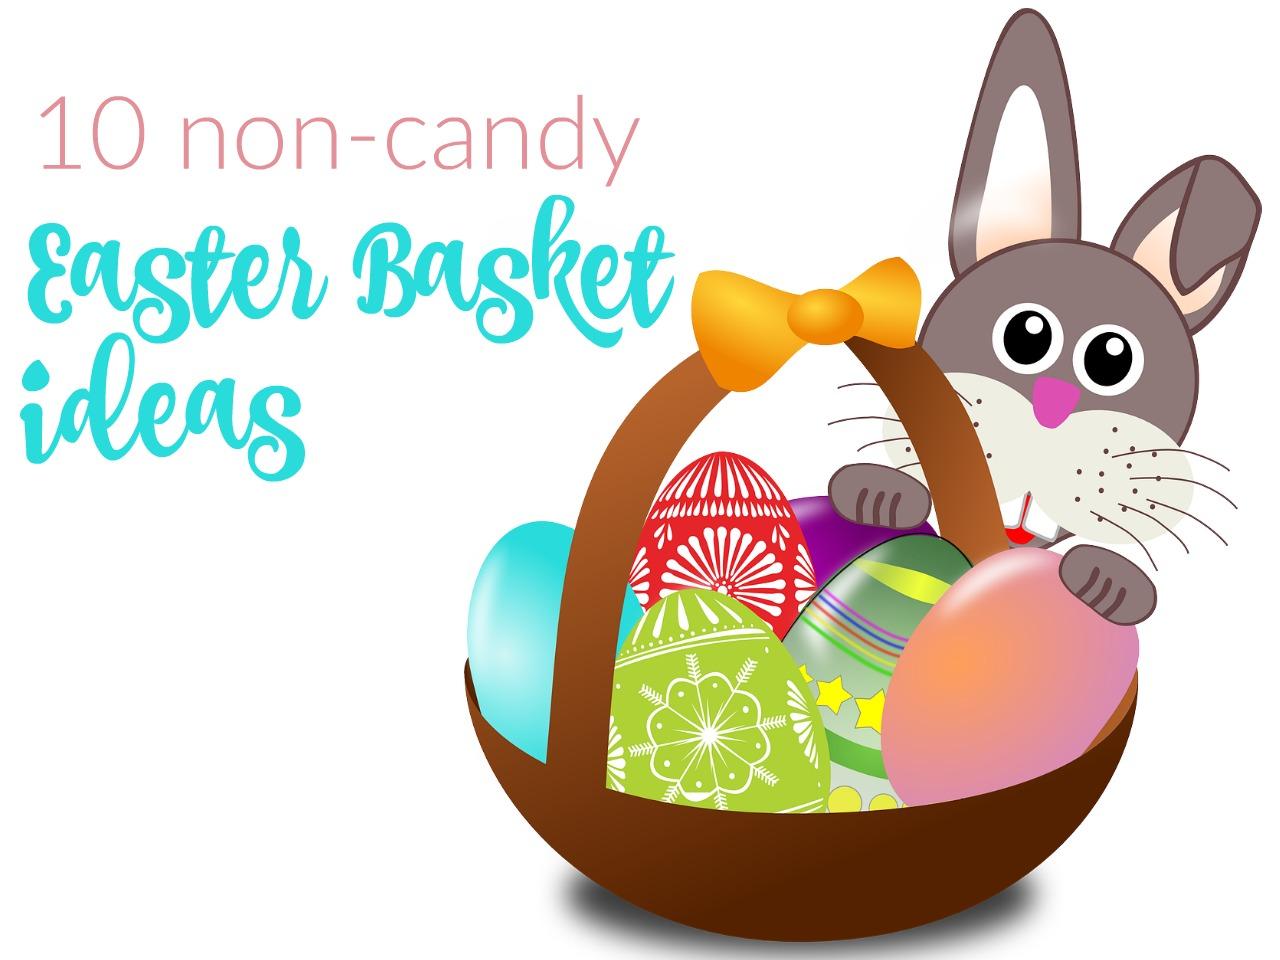 10 Non-Candy Easter Basket Ideas